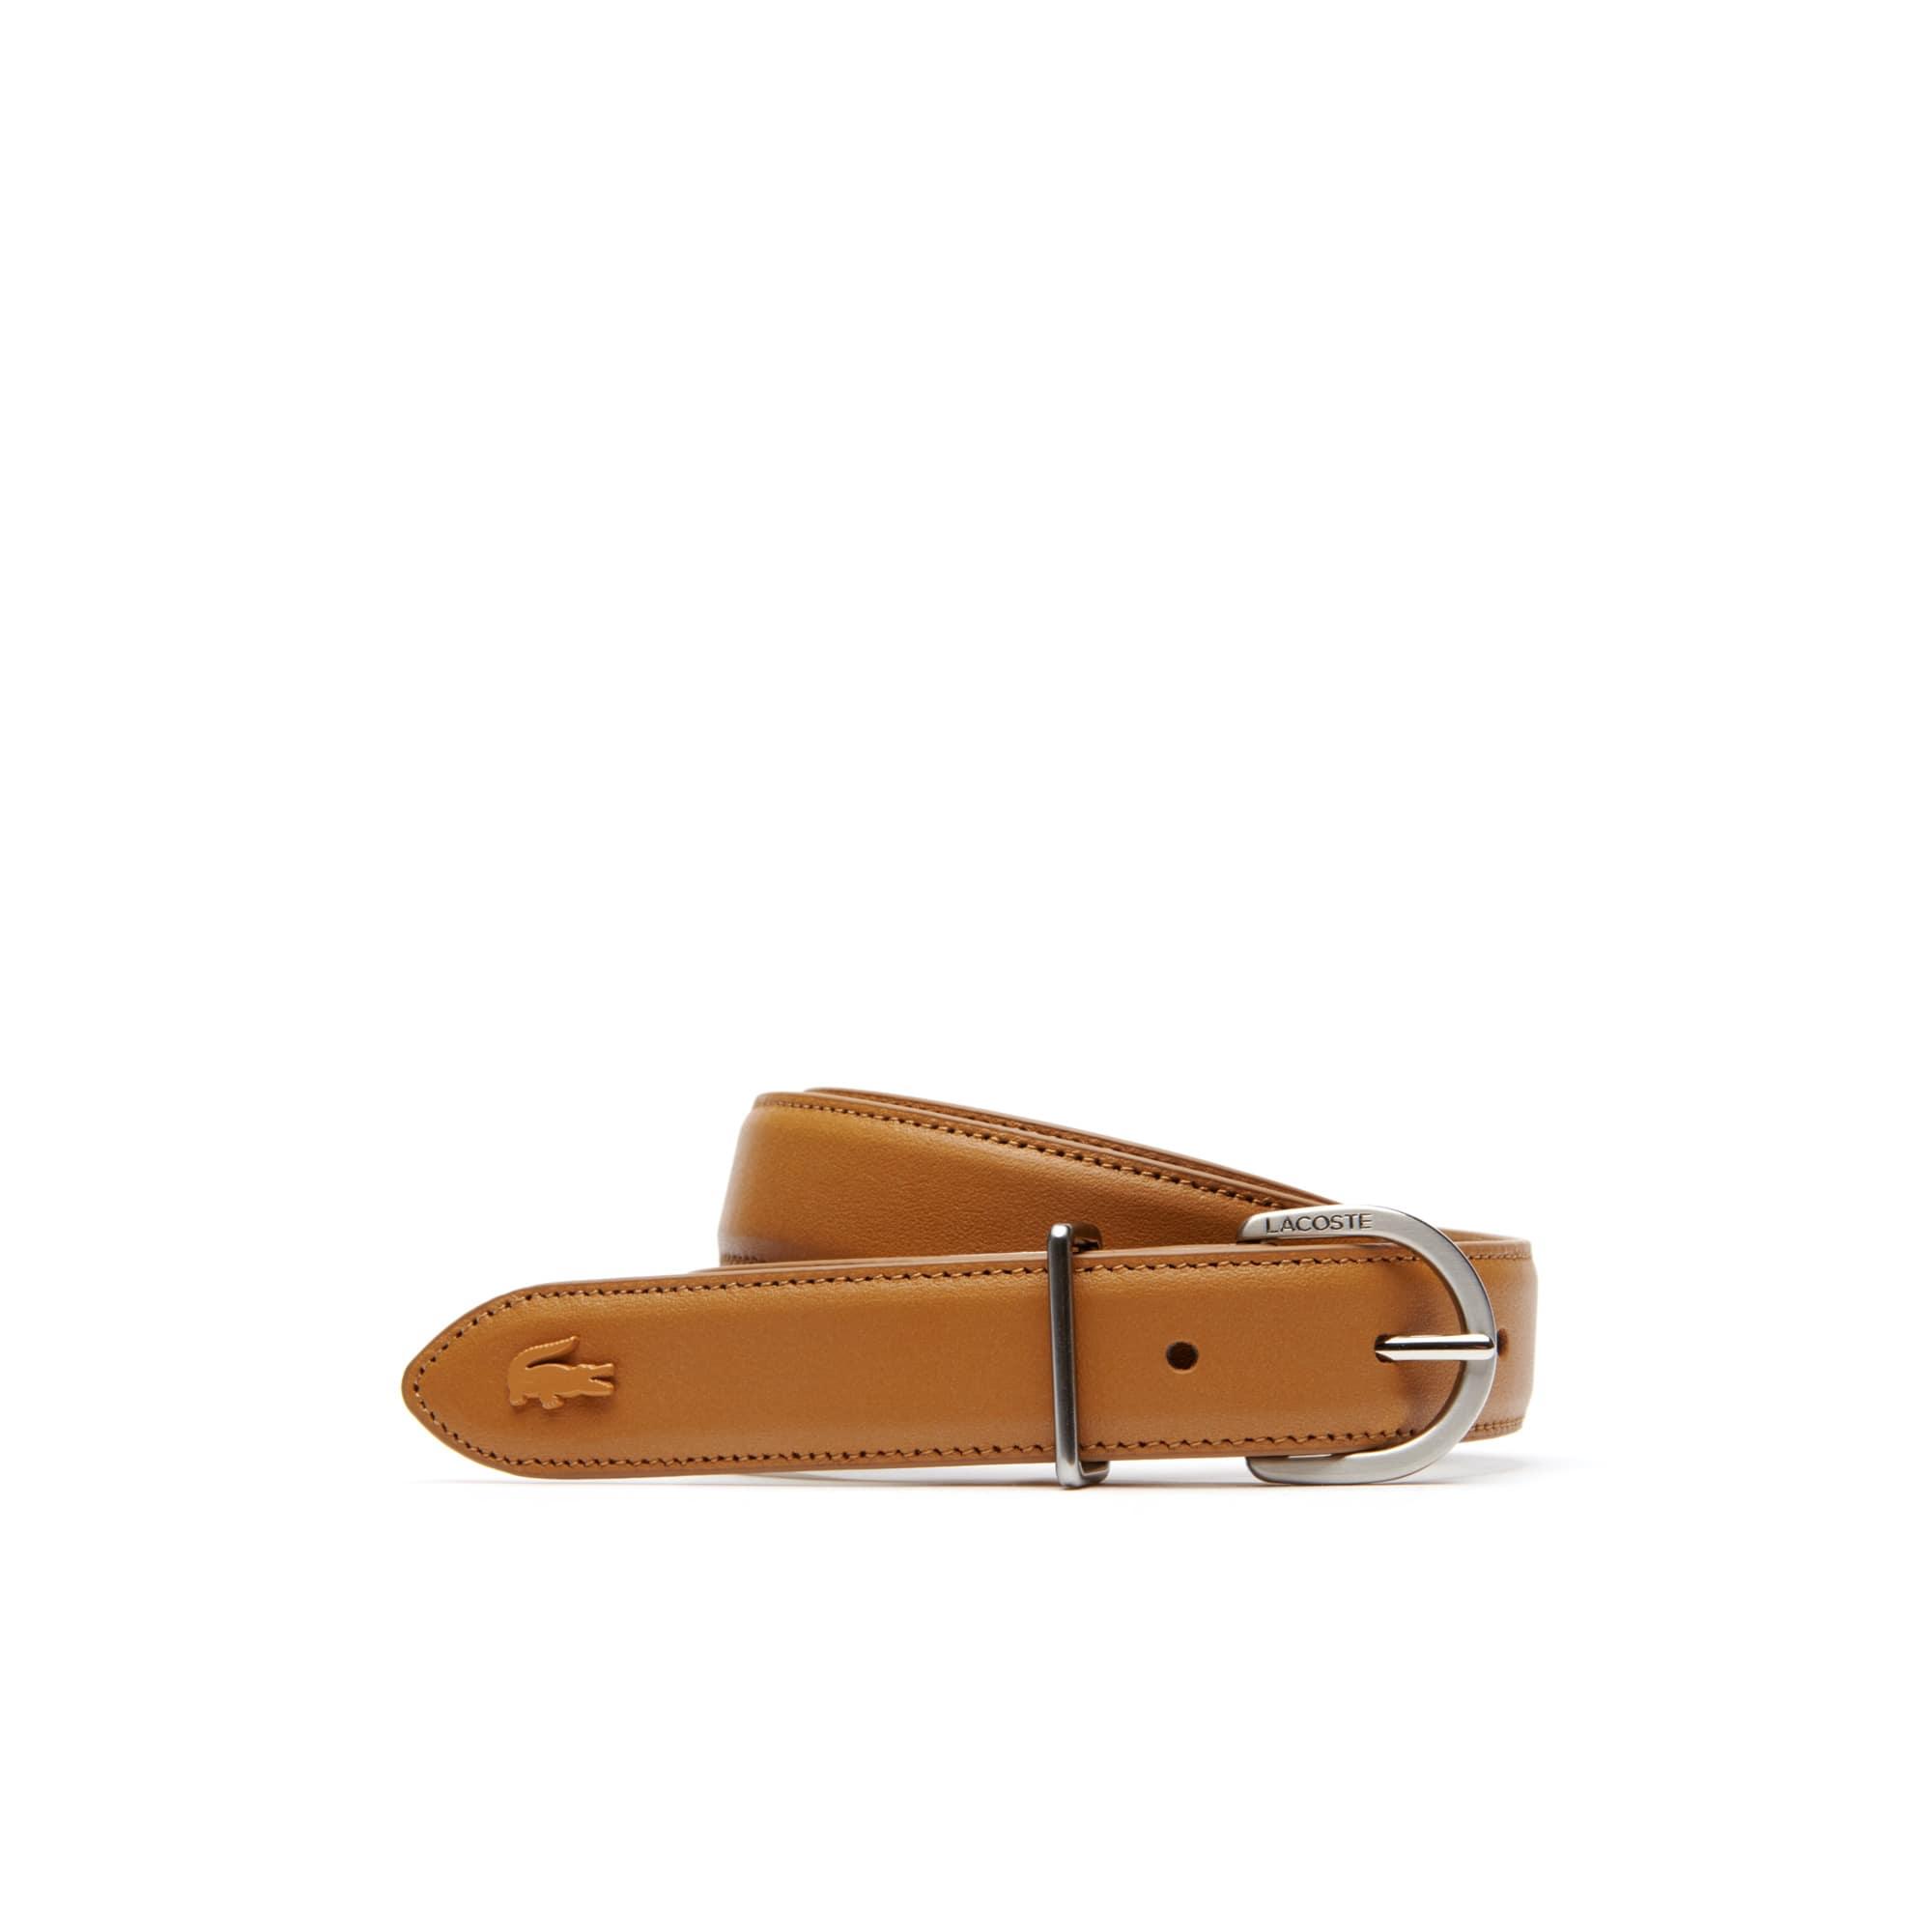 Cinturón De Mujer L.12.12 En Piel Con Hebilla De Lengüeta Con Grabado Lacoste